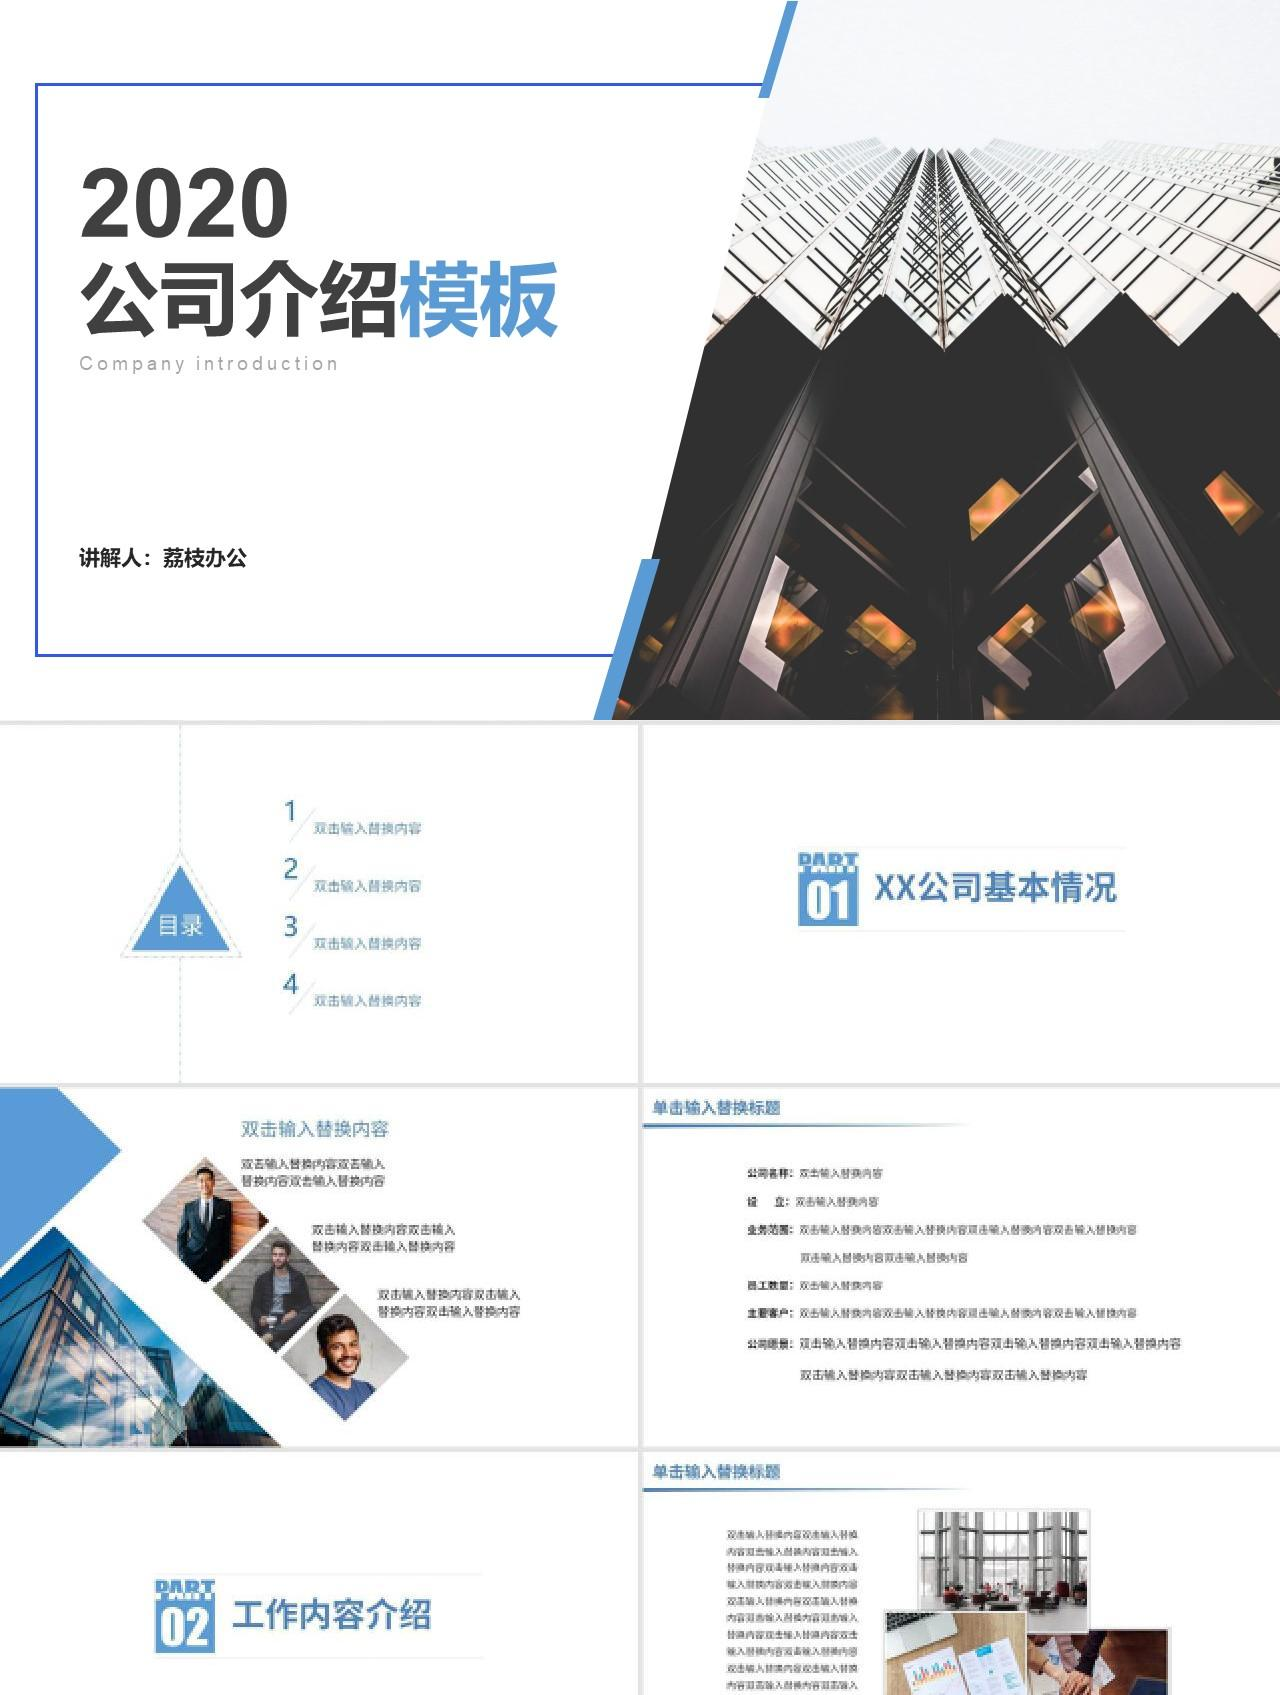 蓝色简约商务公司宣传PPT模板